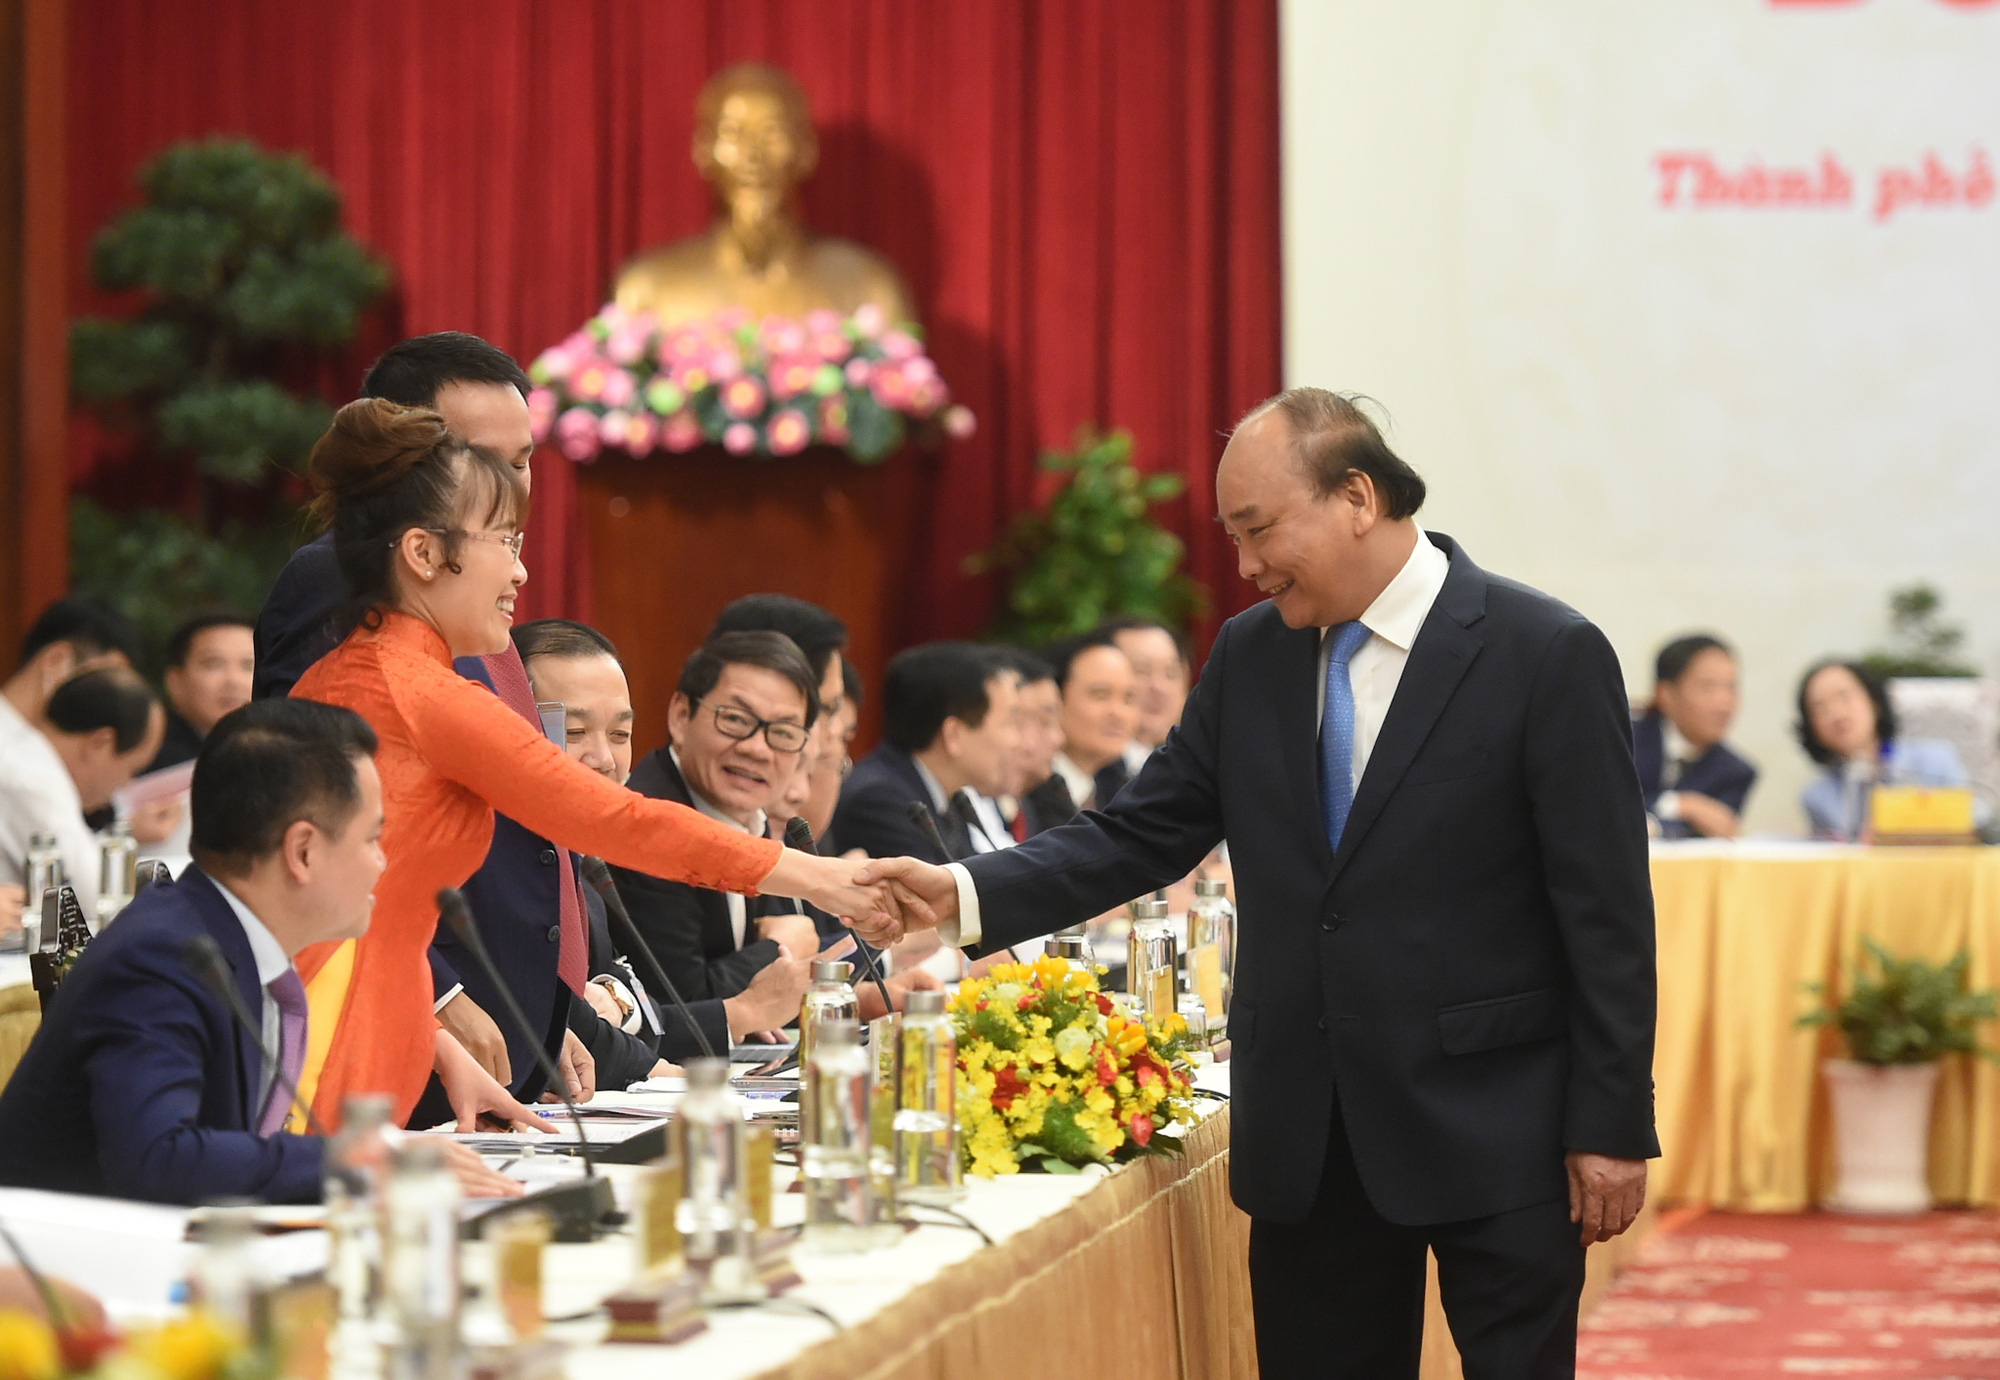 """Thủ tướng Nguyễn Xuân Phúc: """"Muốn dân giàu, nước mạnh phải chú trọng phát triển quốc kế dân sinh"""" - Ảnh 1."""